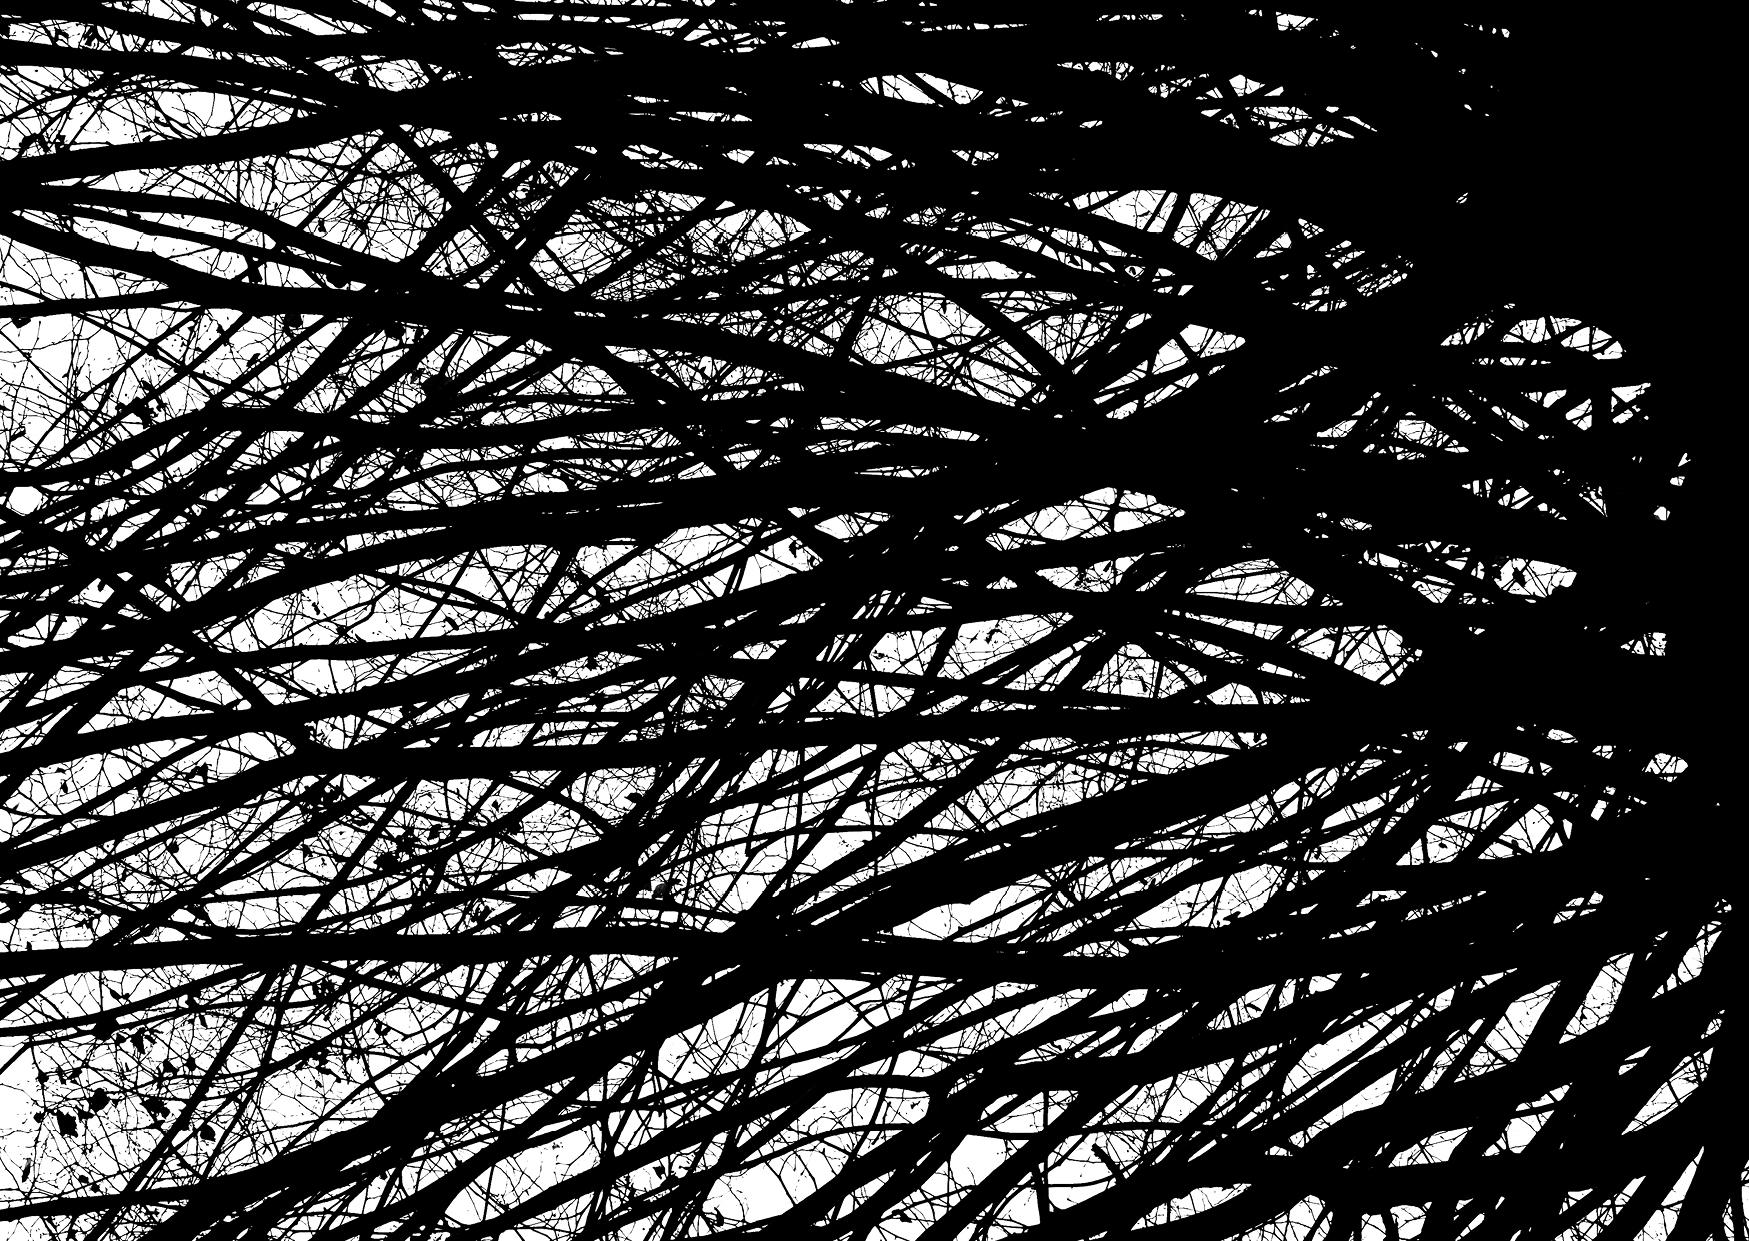 Bettina Lindenberg Postkarten schwarz-weiß Natur Fotokunst Kunstpostkarten, Deko, Bäume